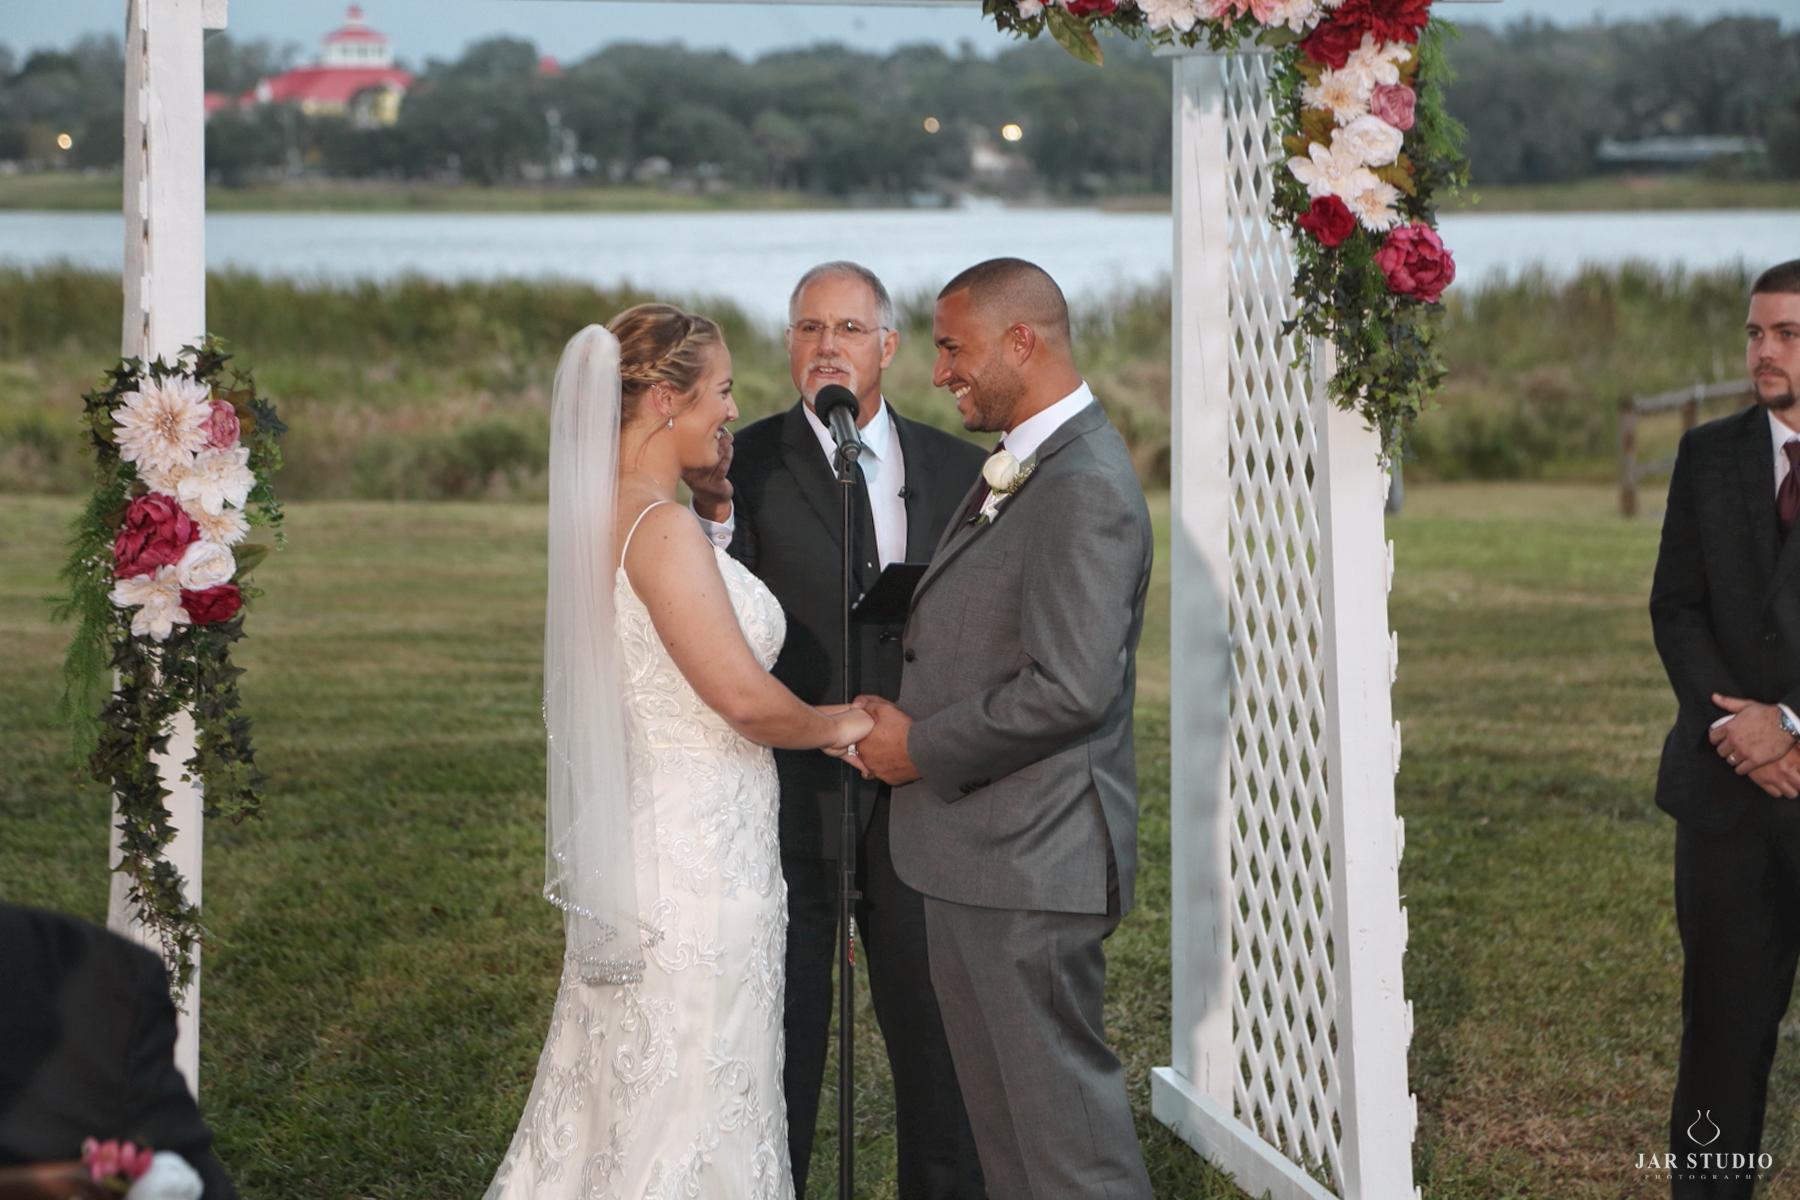 jarstudio-wedding-photographer-371.JPG